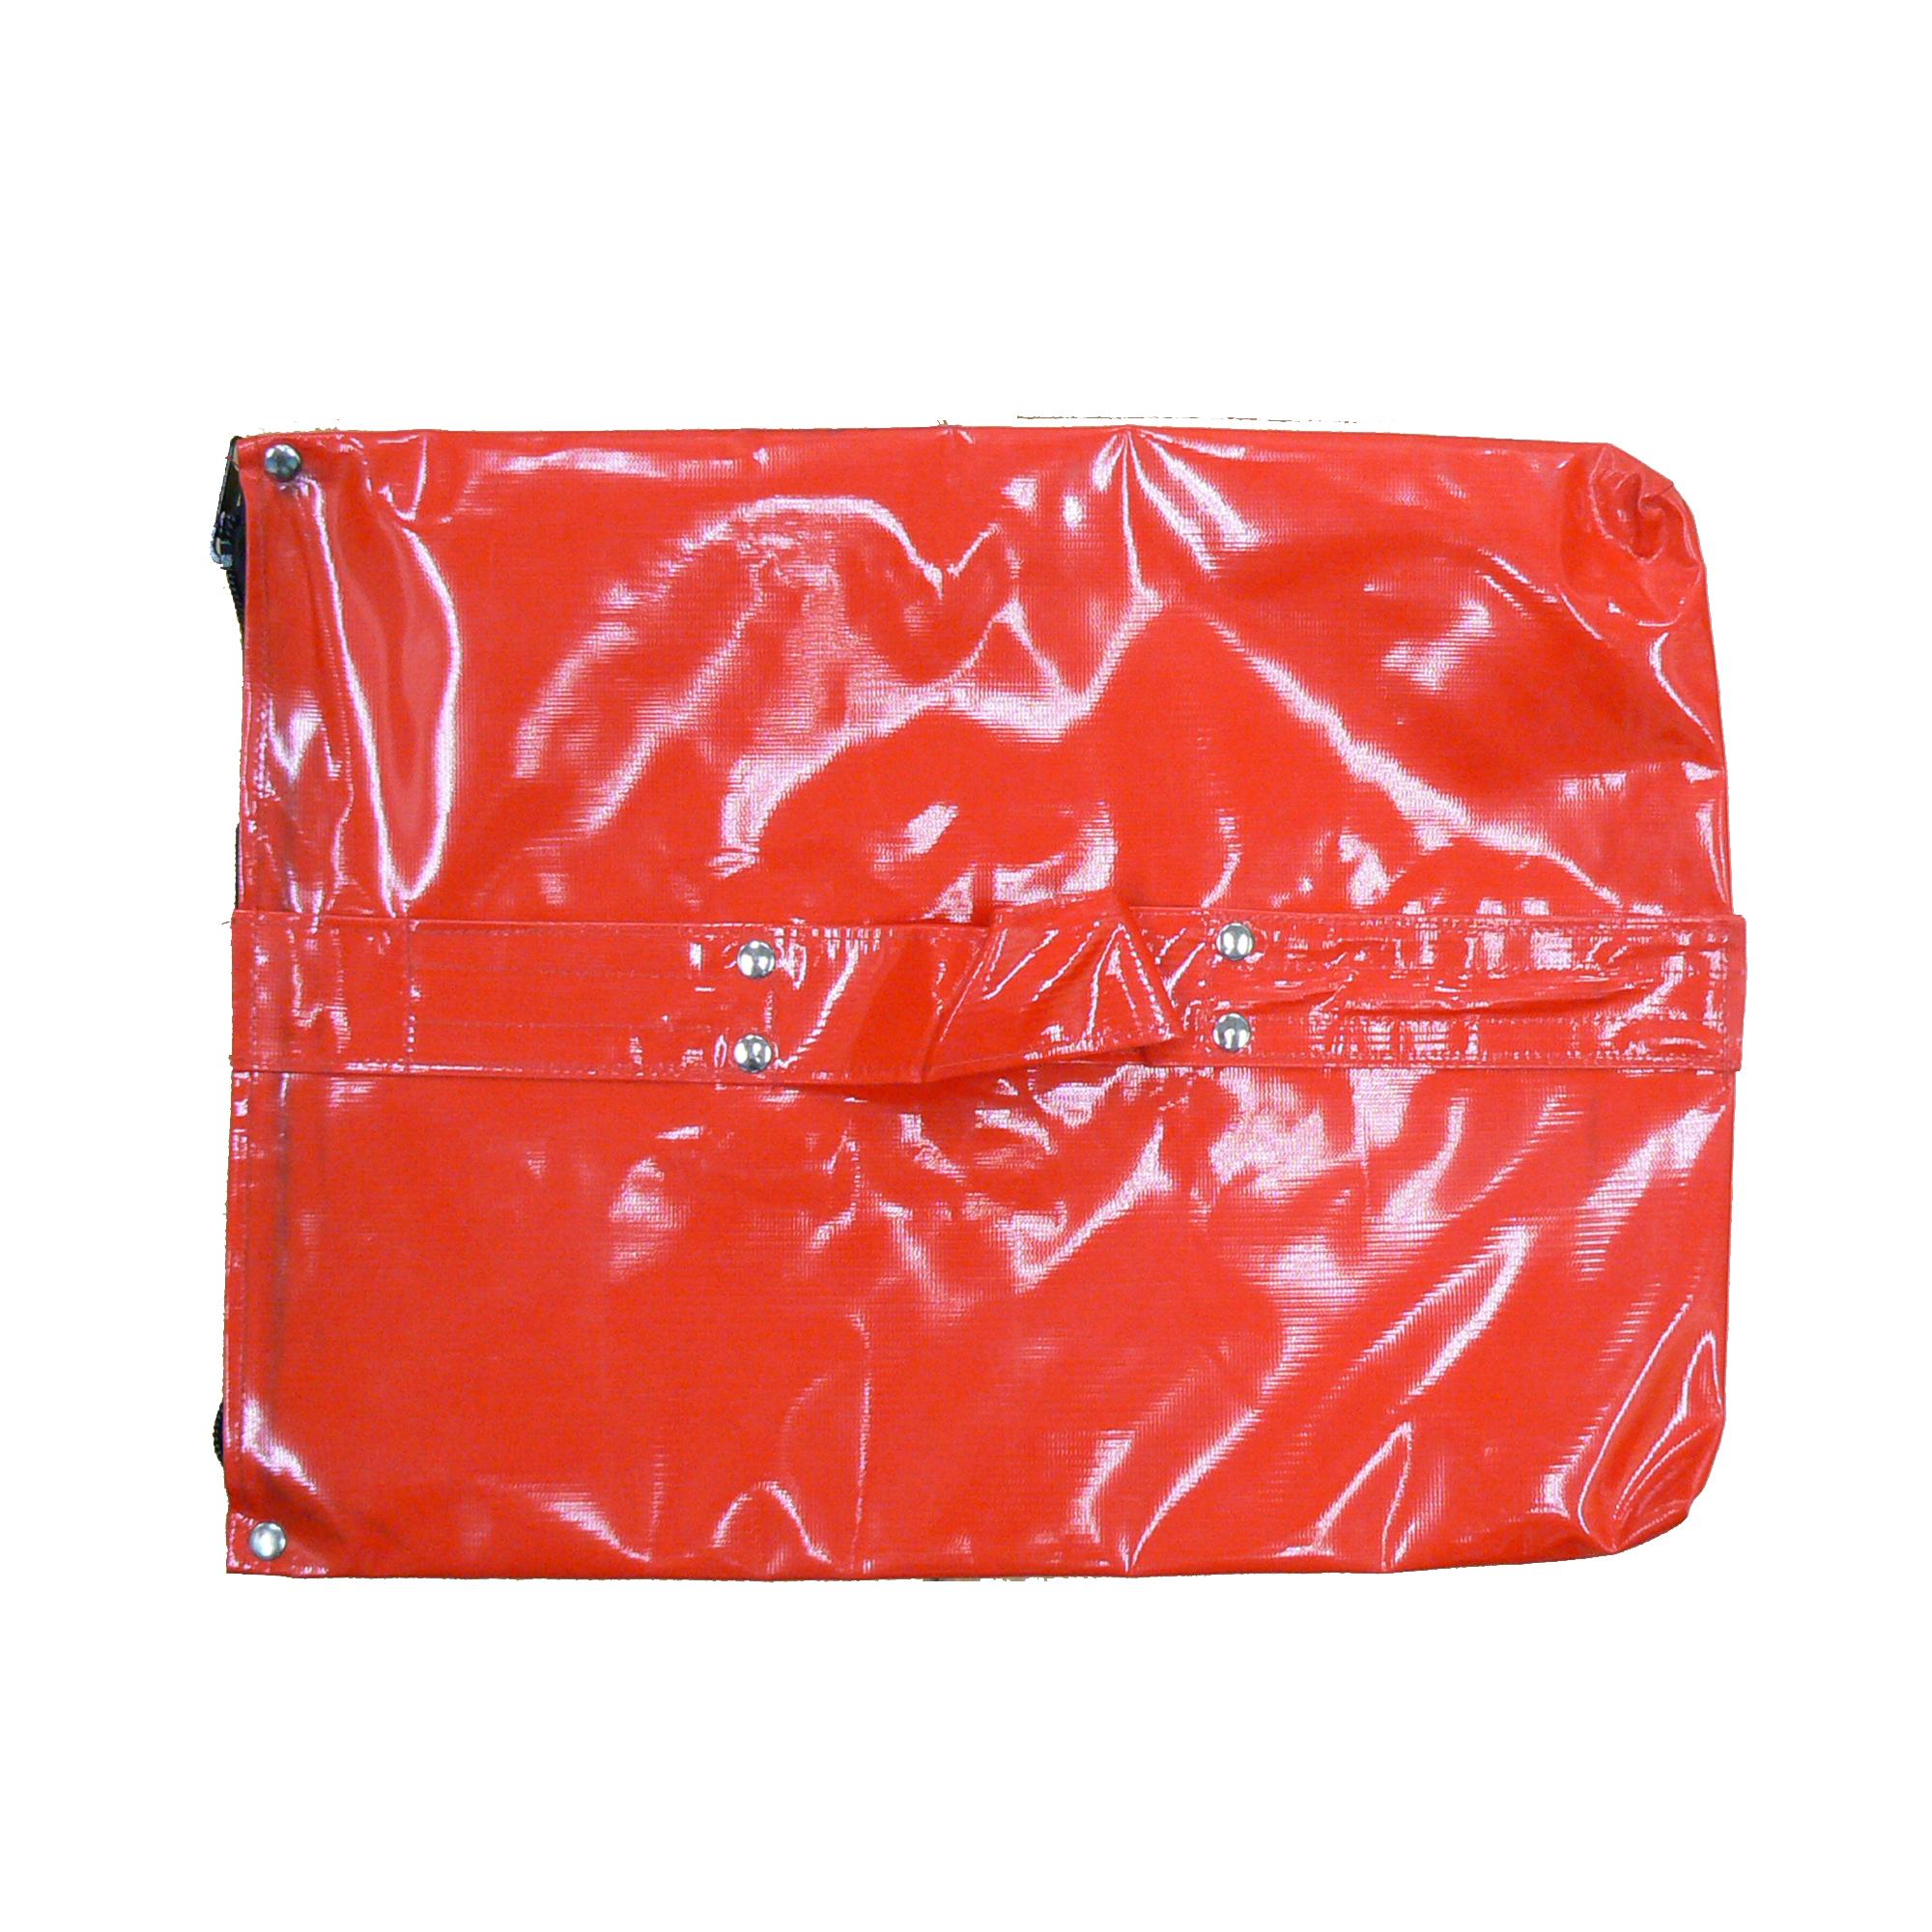 矢印板用重し(赤) 390×305